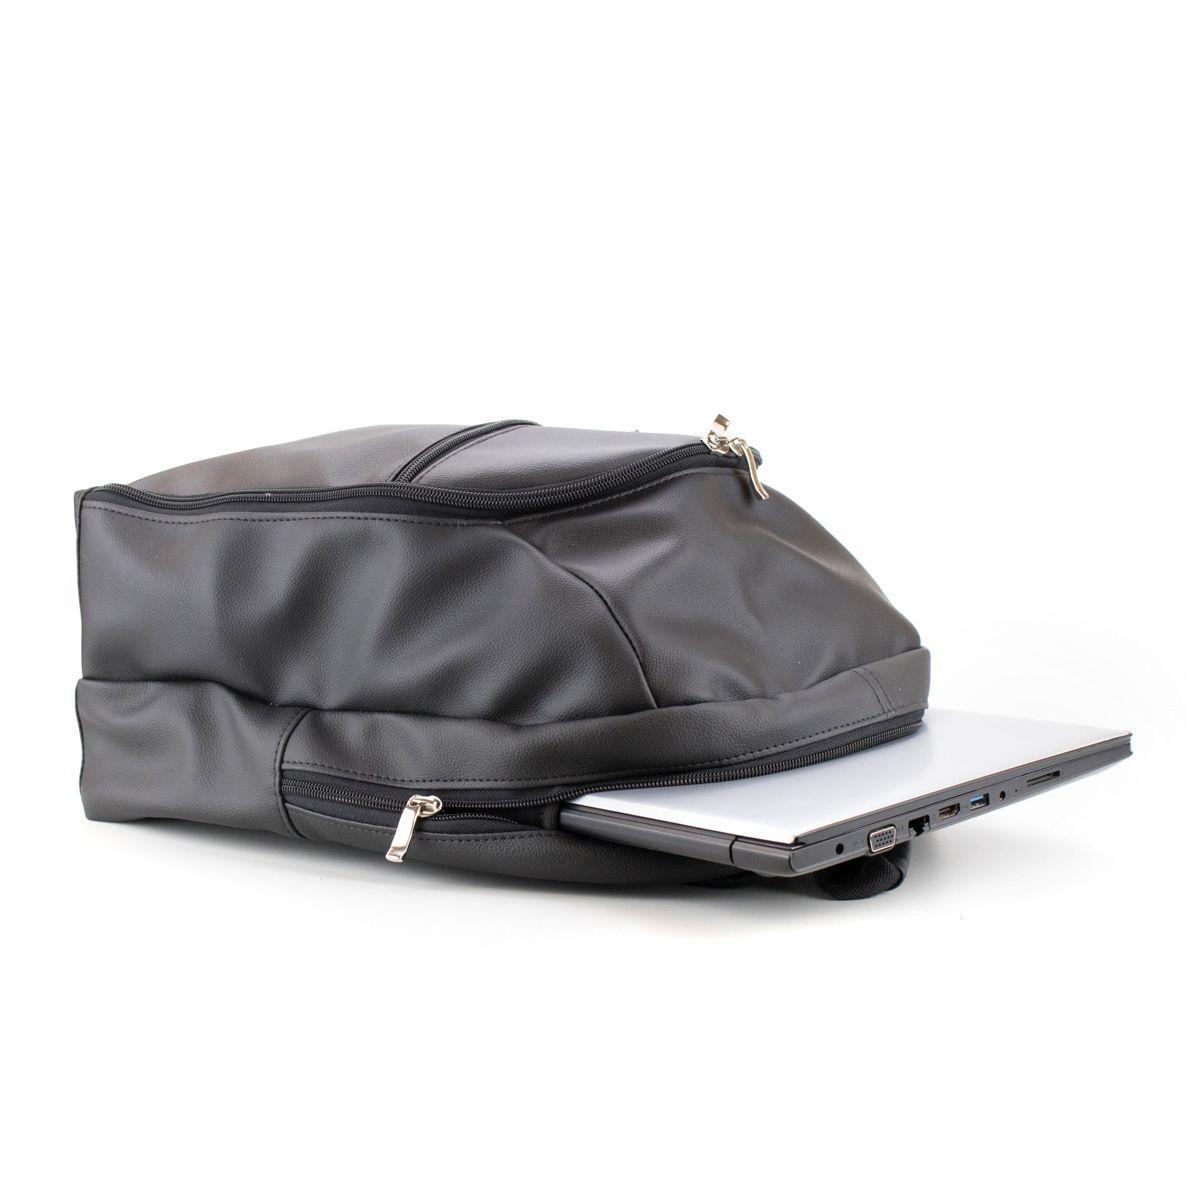 Mateira Mochila para chimarrão - Matebag - Corino Preta com divisória de notebook